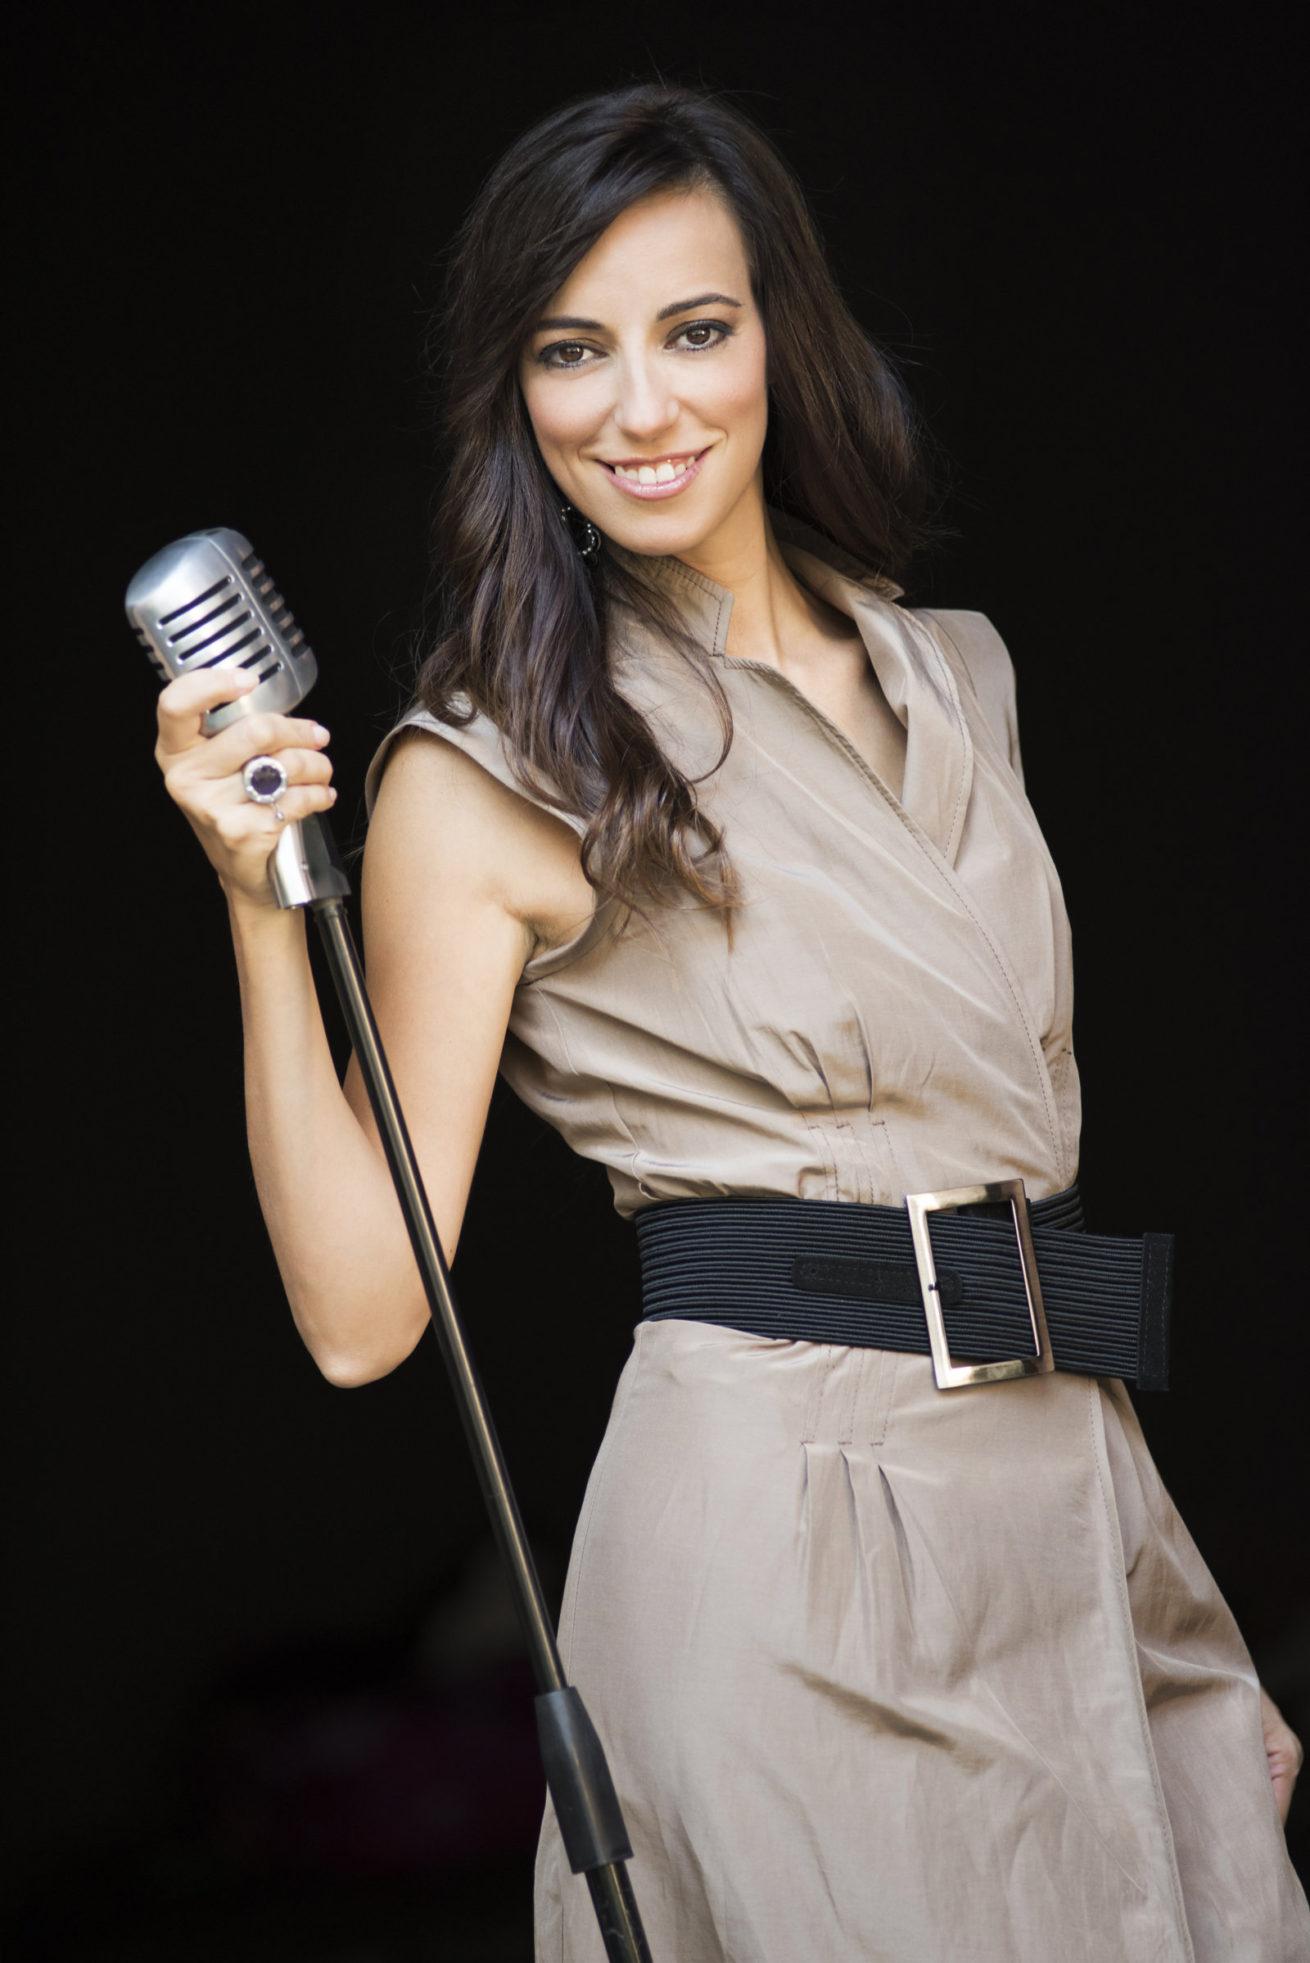 cantante eventi valentina mey private singer